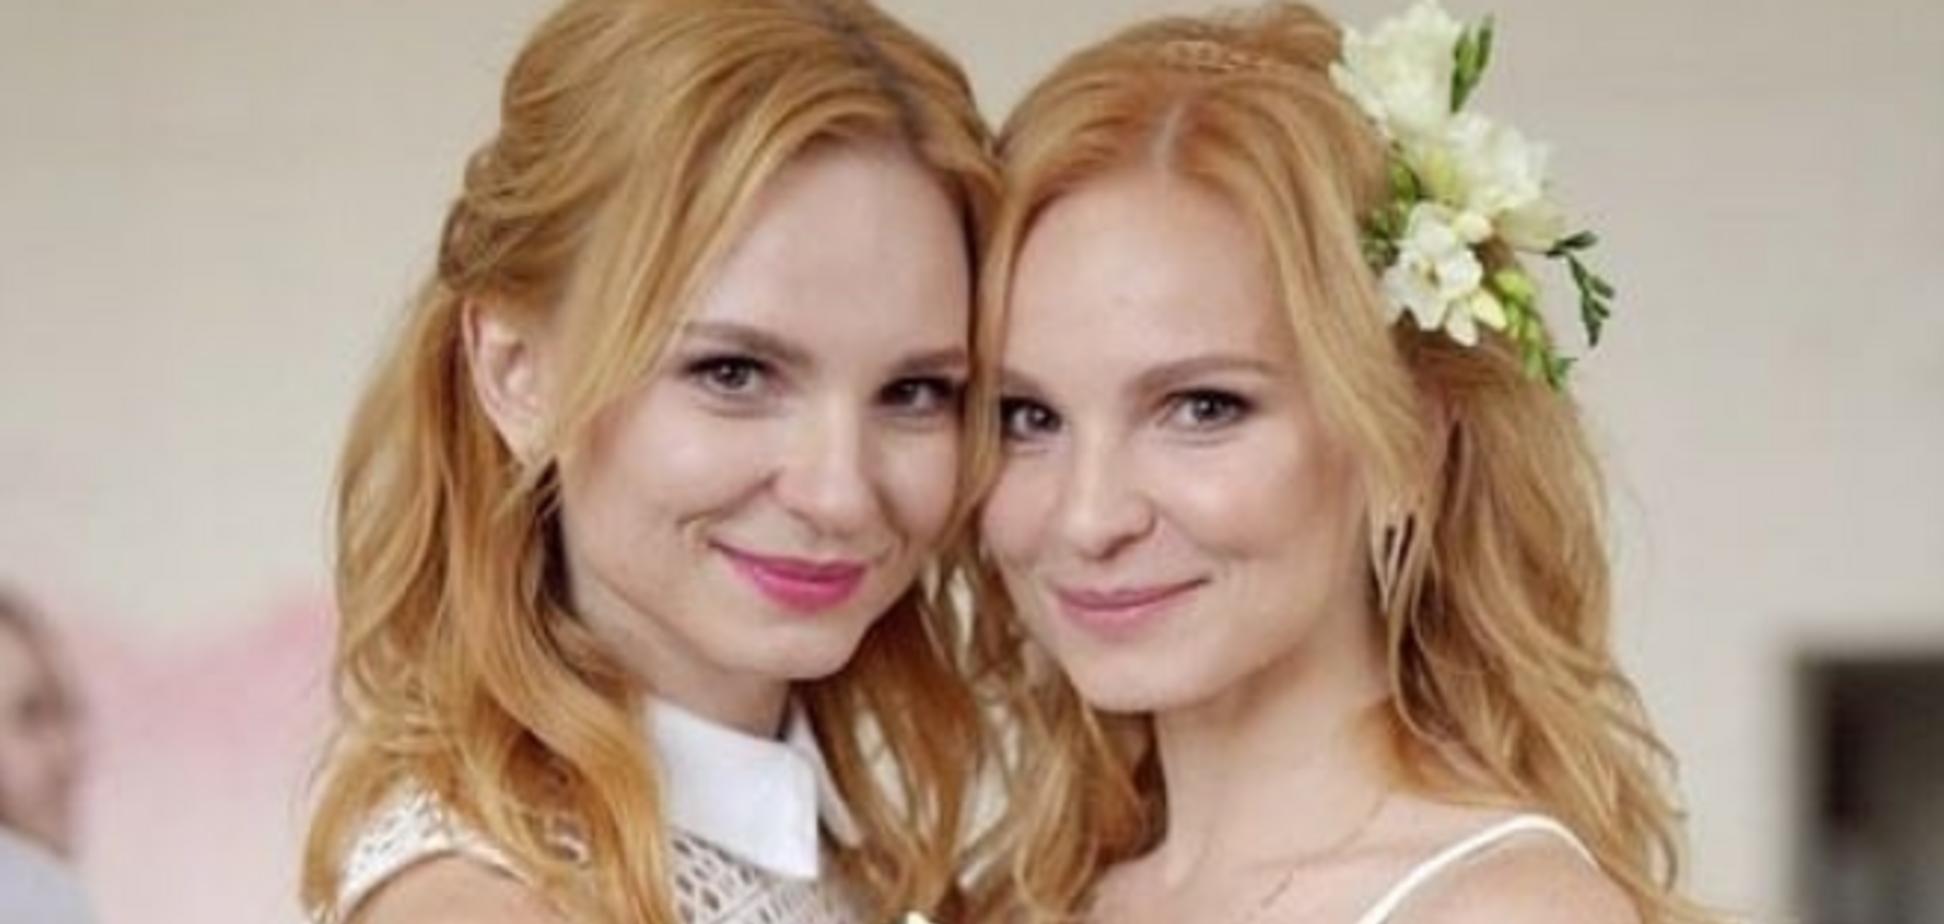 В сети появились свадебные фото участницы скандального дуэта ANNA MARIA